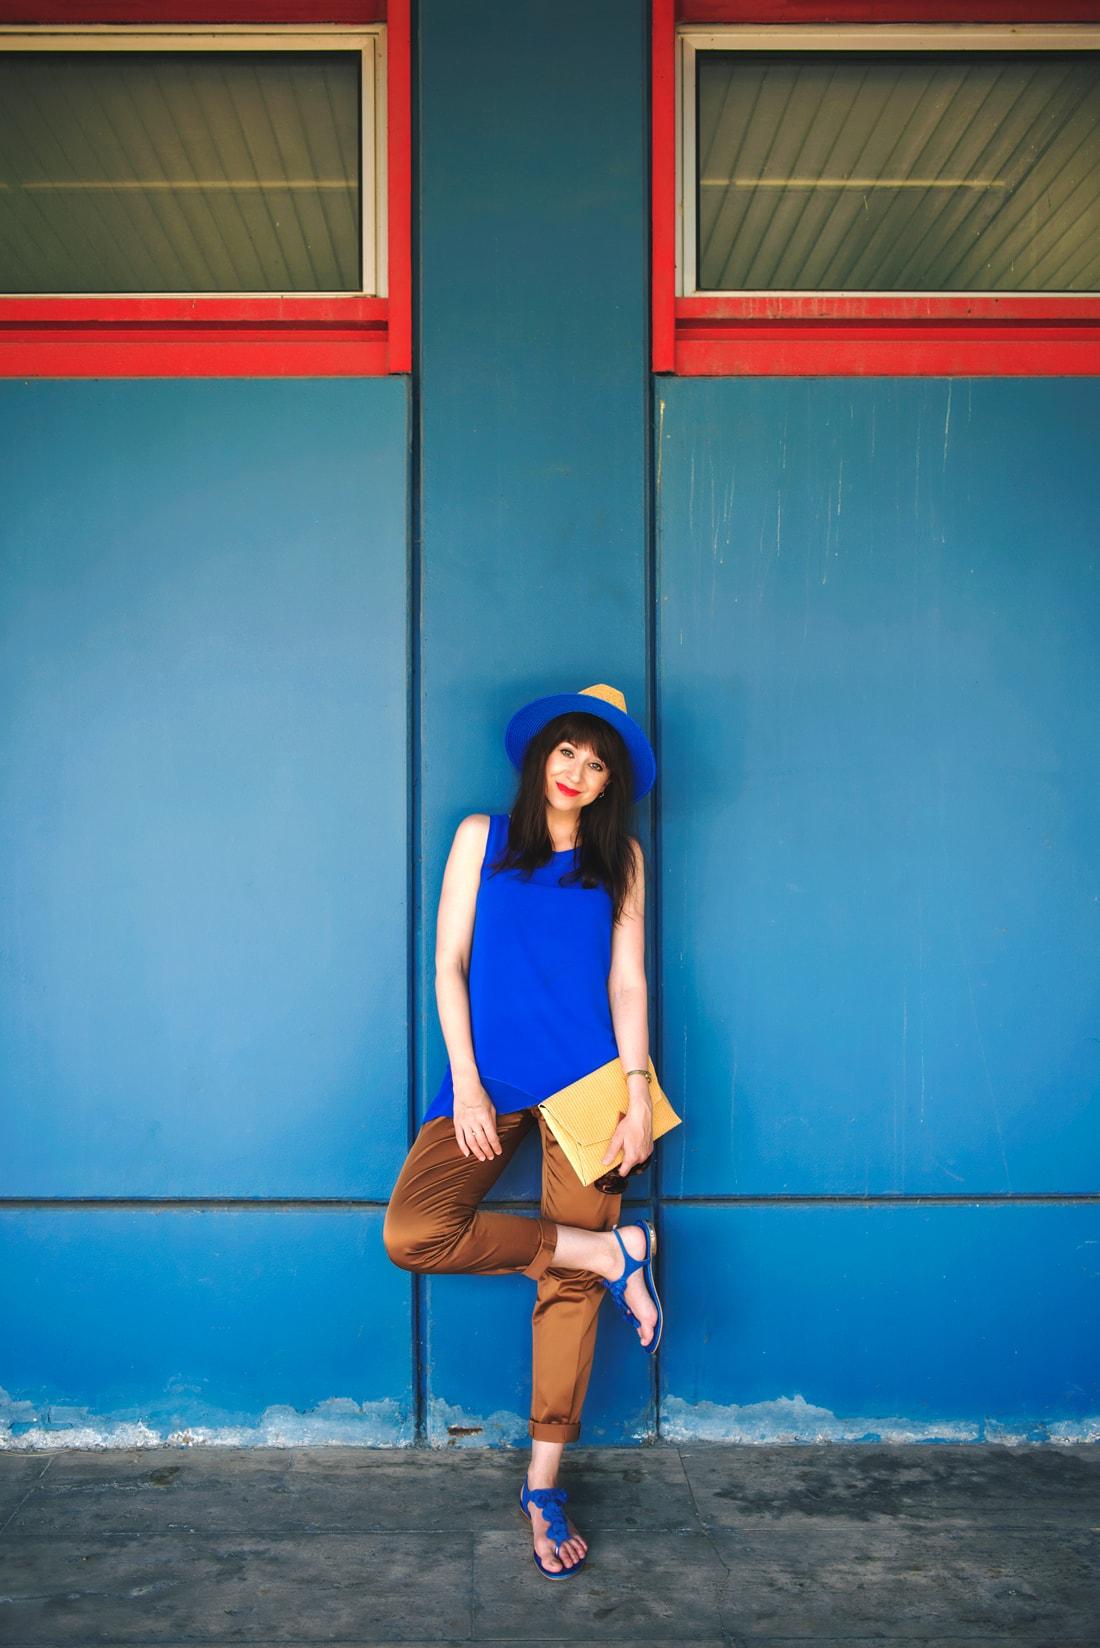 INŠPIRÁCIA NA JAR/LETO 2018 ALEBO AKO NOSIŤ KLOBÚK_Katharine-fashion is beautiful_Blog 9_Slamený klobúk Parfois_Slamená listová kabelka_OOTD_Katarína Jakubčová_Fashion blogger